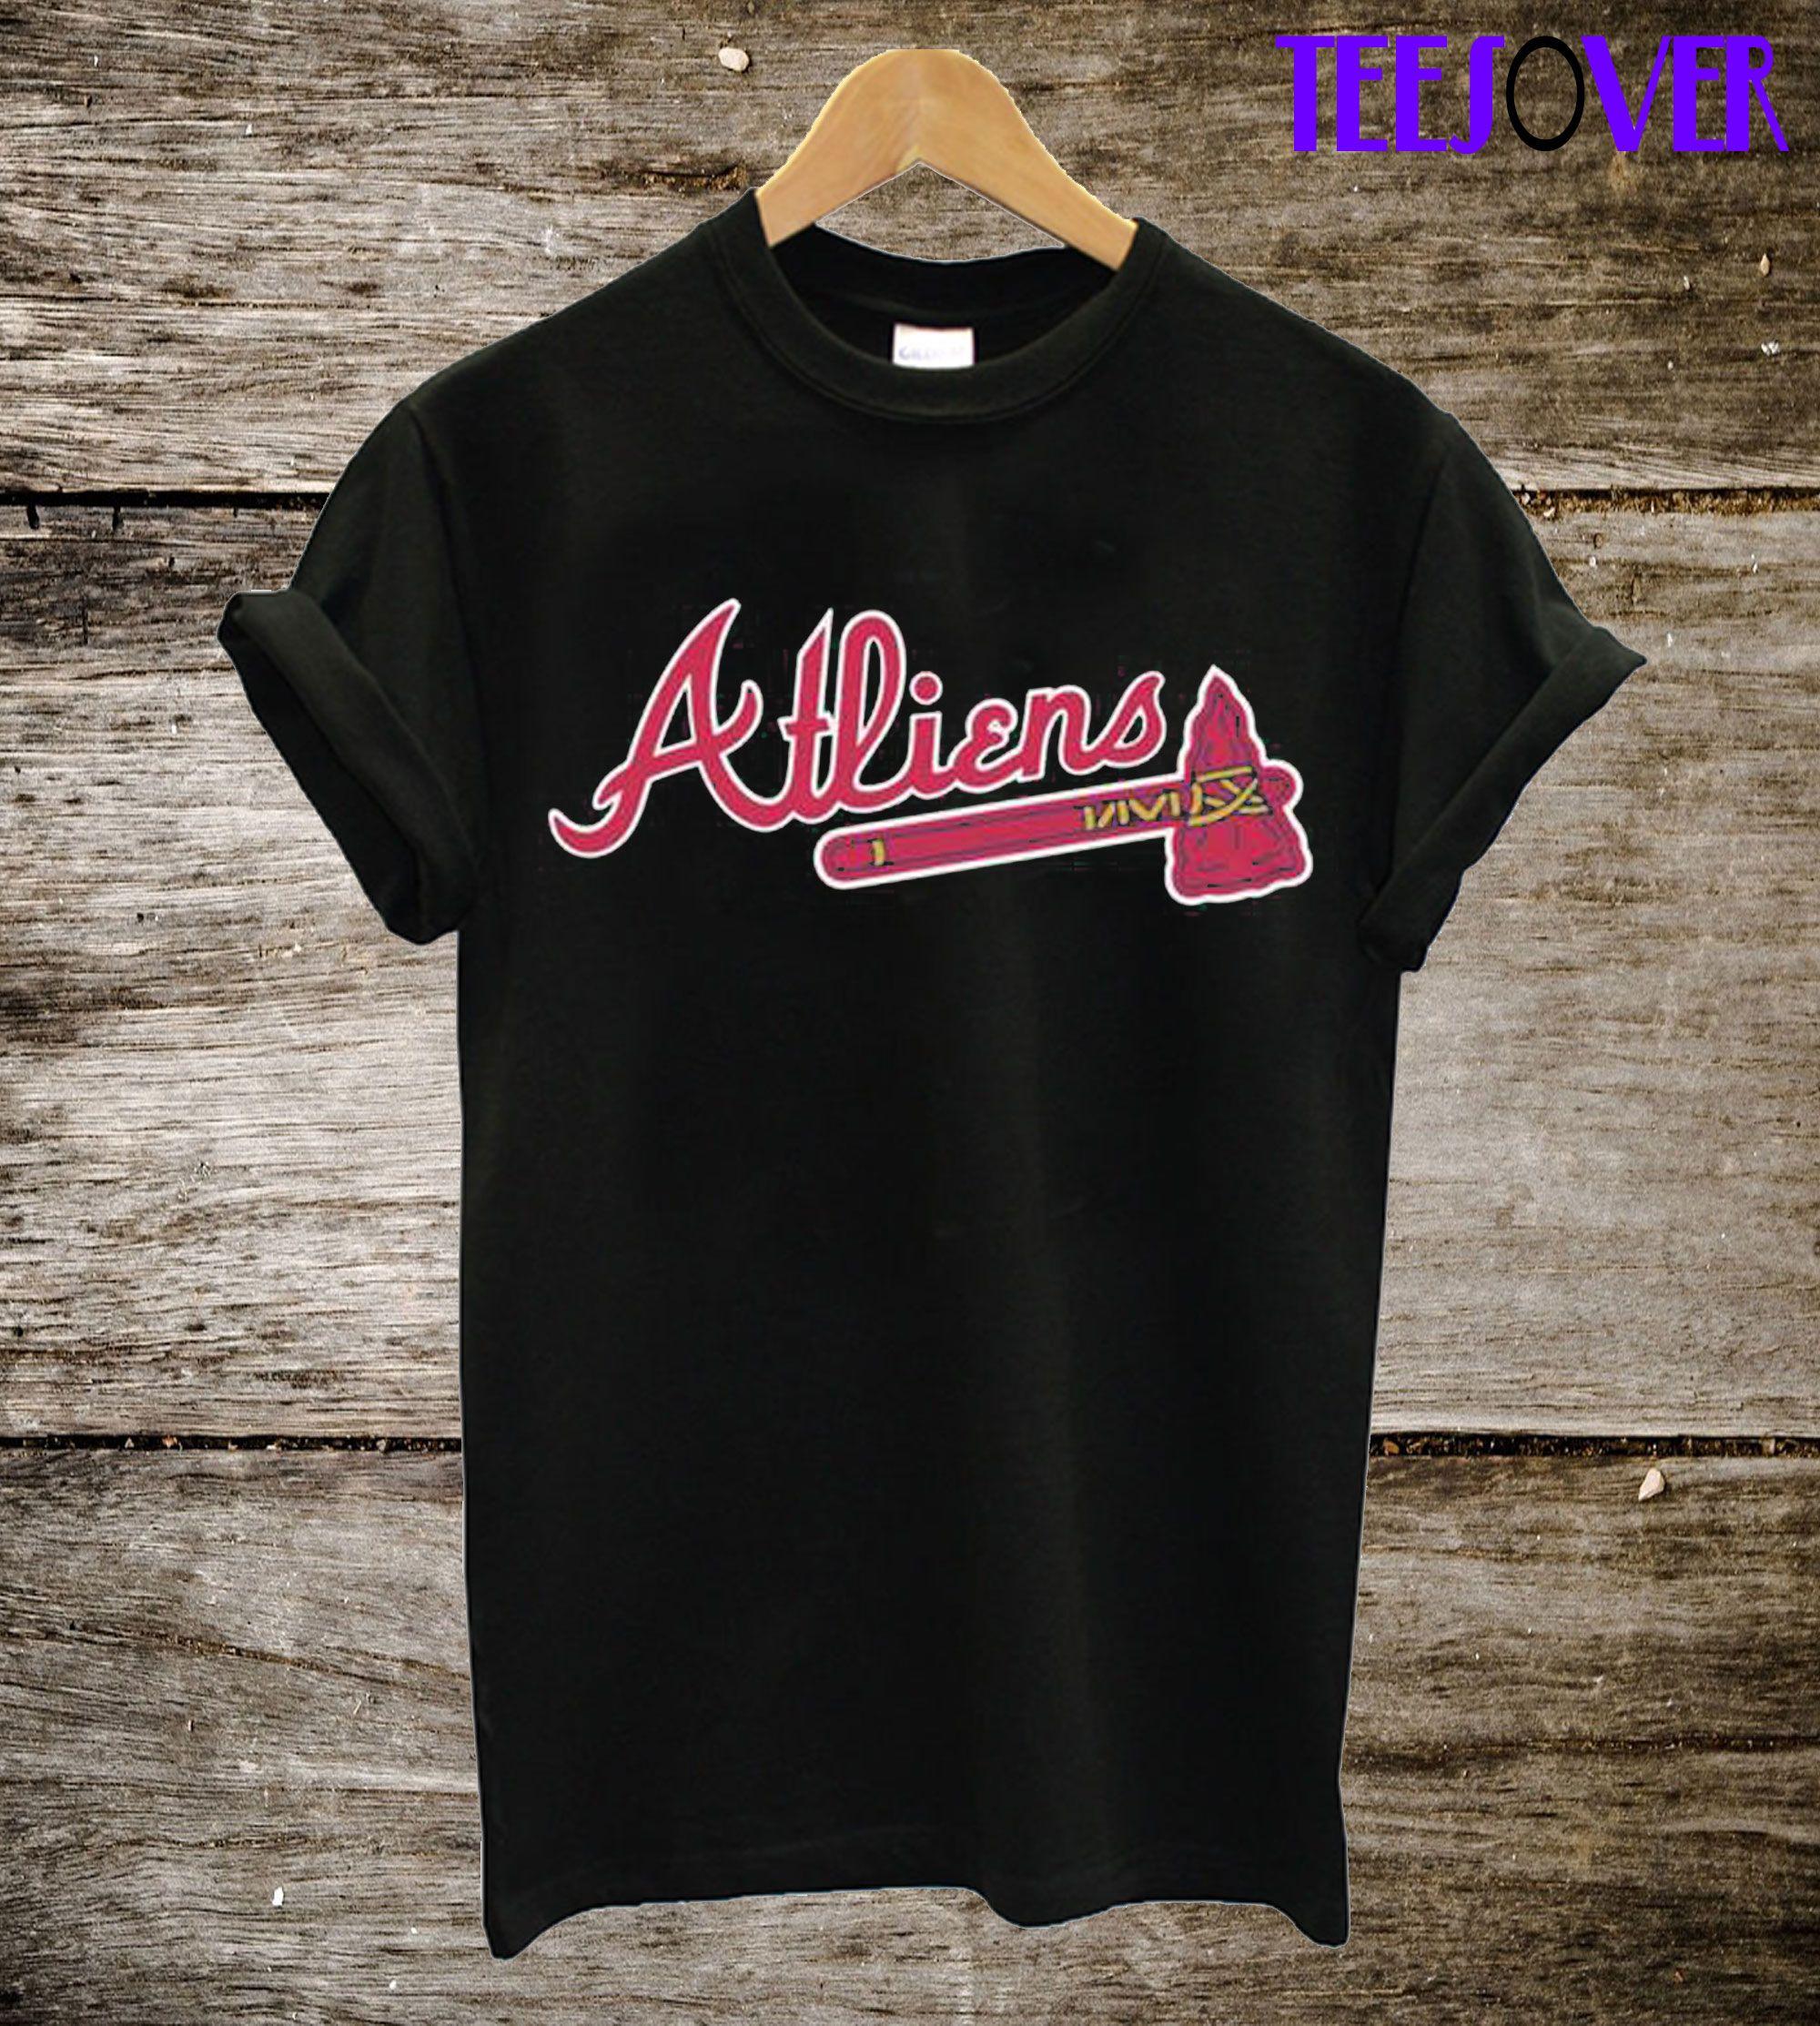 Outkast T shirt; Outkast Atliens Tee Shirt